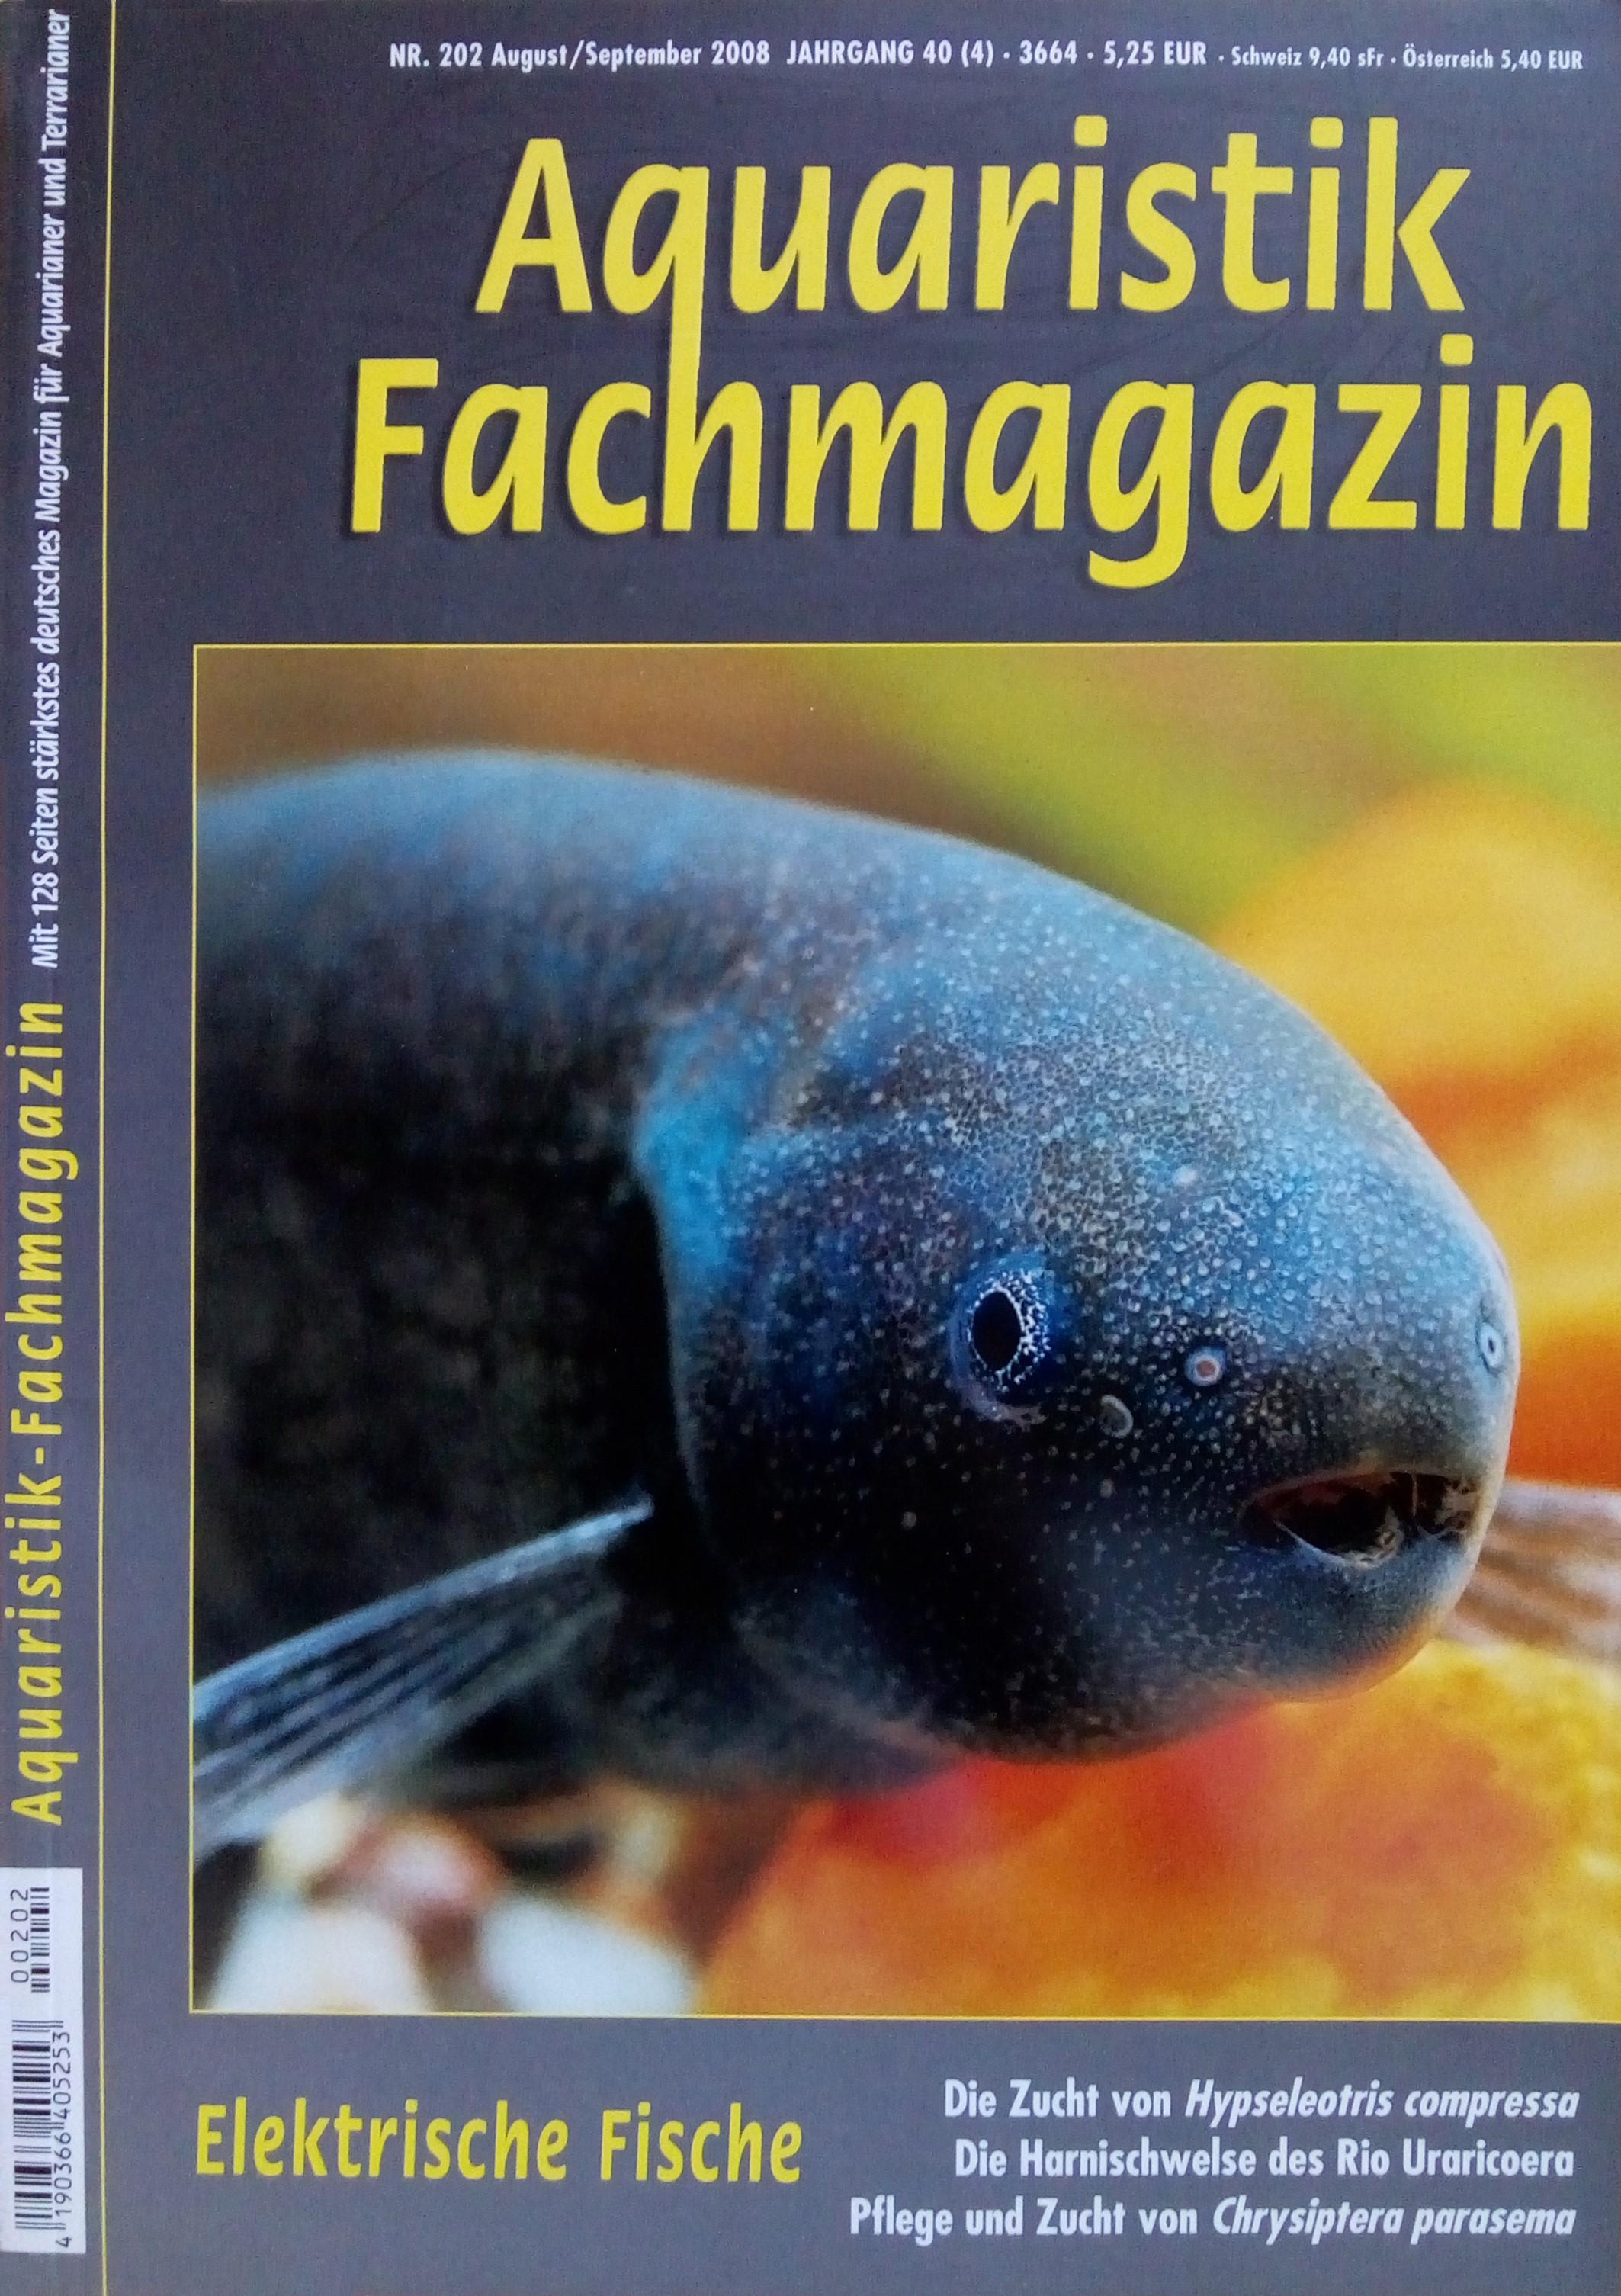 Aquaristik-Fachmagazin, Ausgabe 202 (Aug./Sept. 2008)